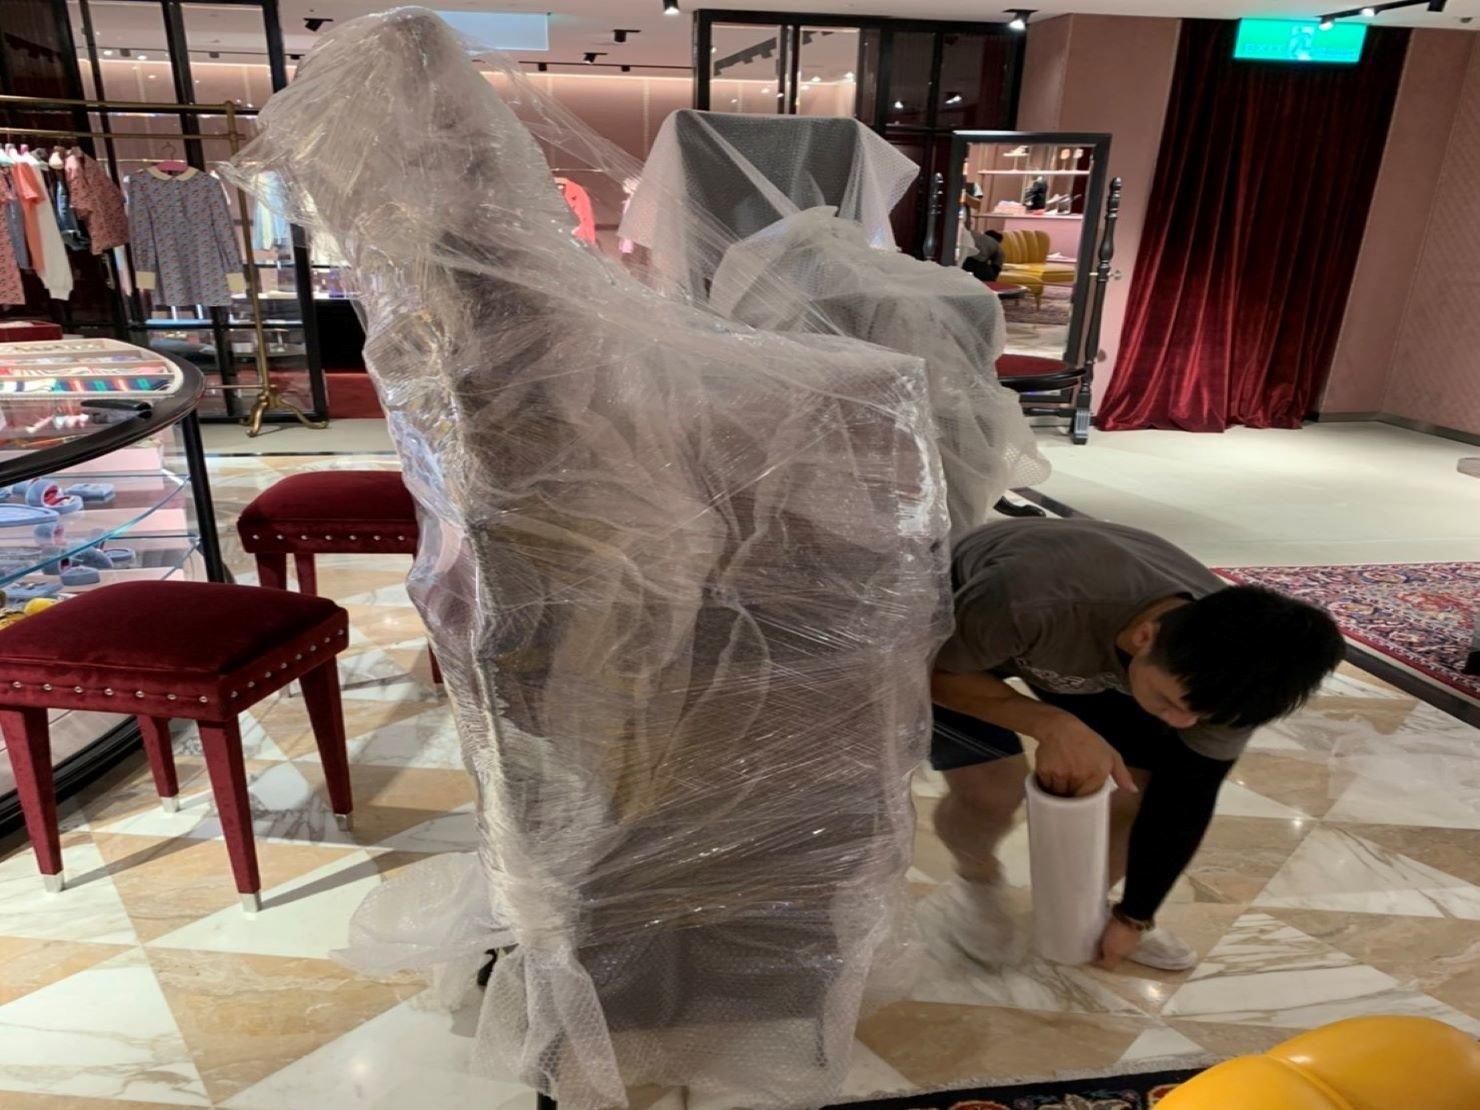 搬家公司【榮福搬家】百貨撤場搬運、精緻搬家,值得您的信賴與選擇:椅子包裝:將椅子向上疊起省去擺放上貨車的多餘空間,再用膠膜緊緊將其層層綑繞。